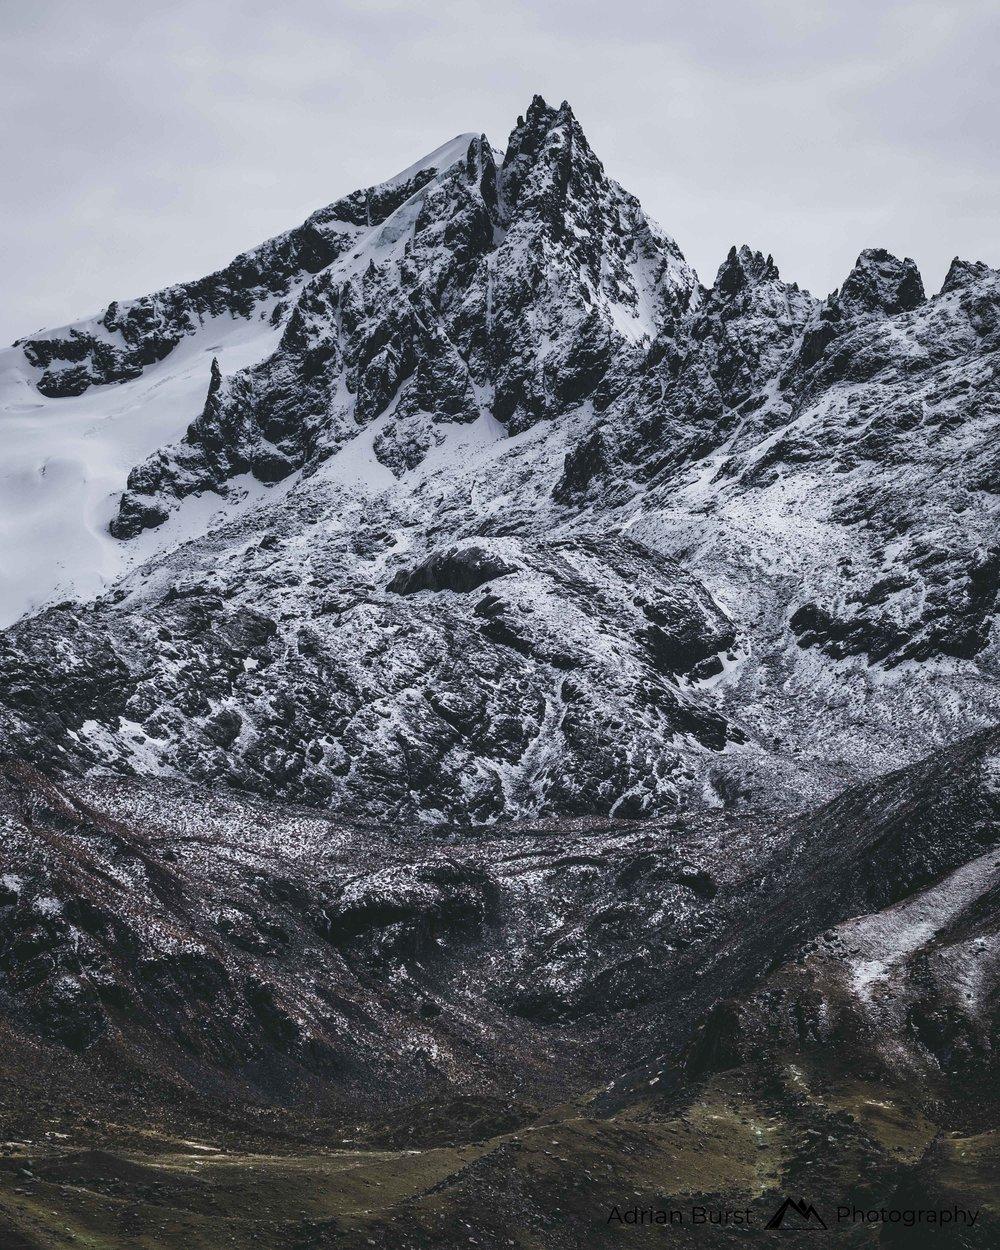 13   Pucamayu valley, Quispicanchi